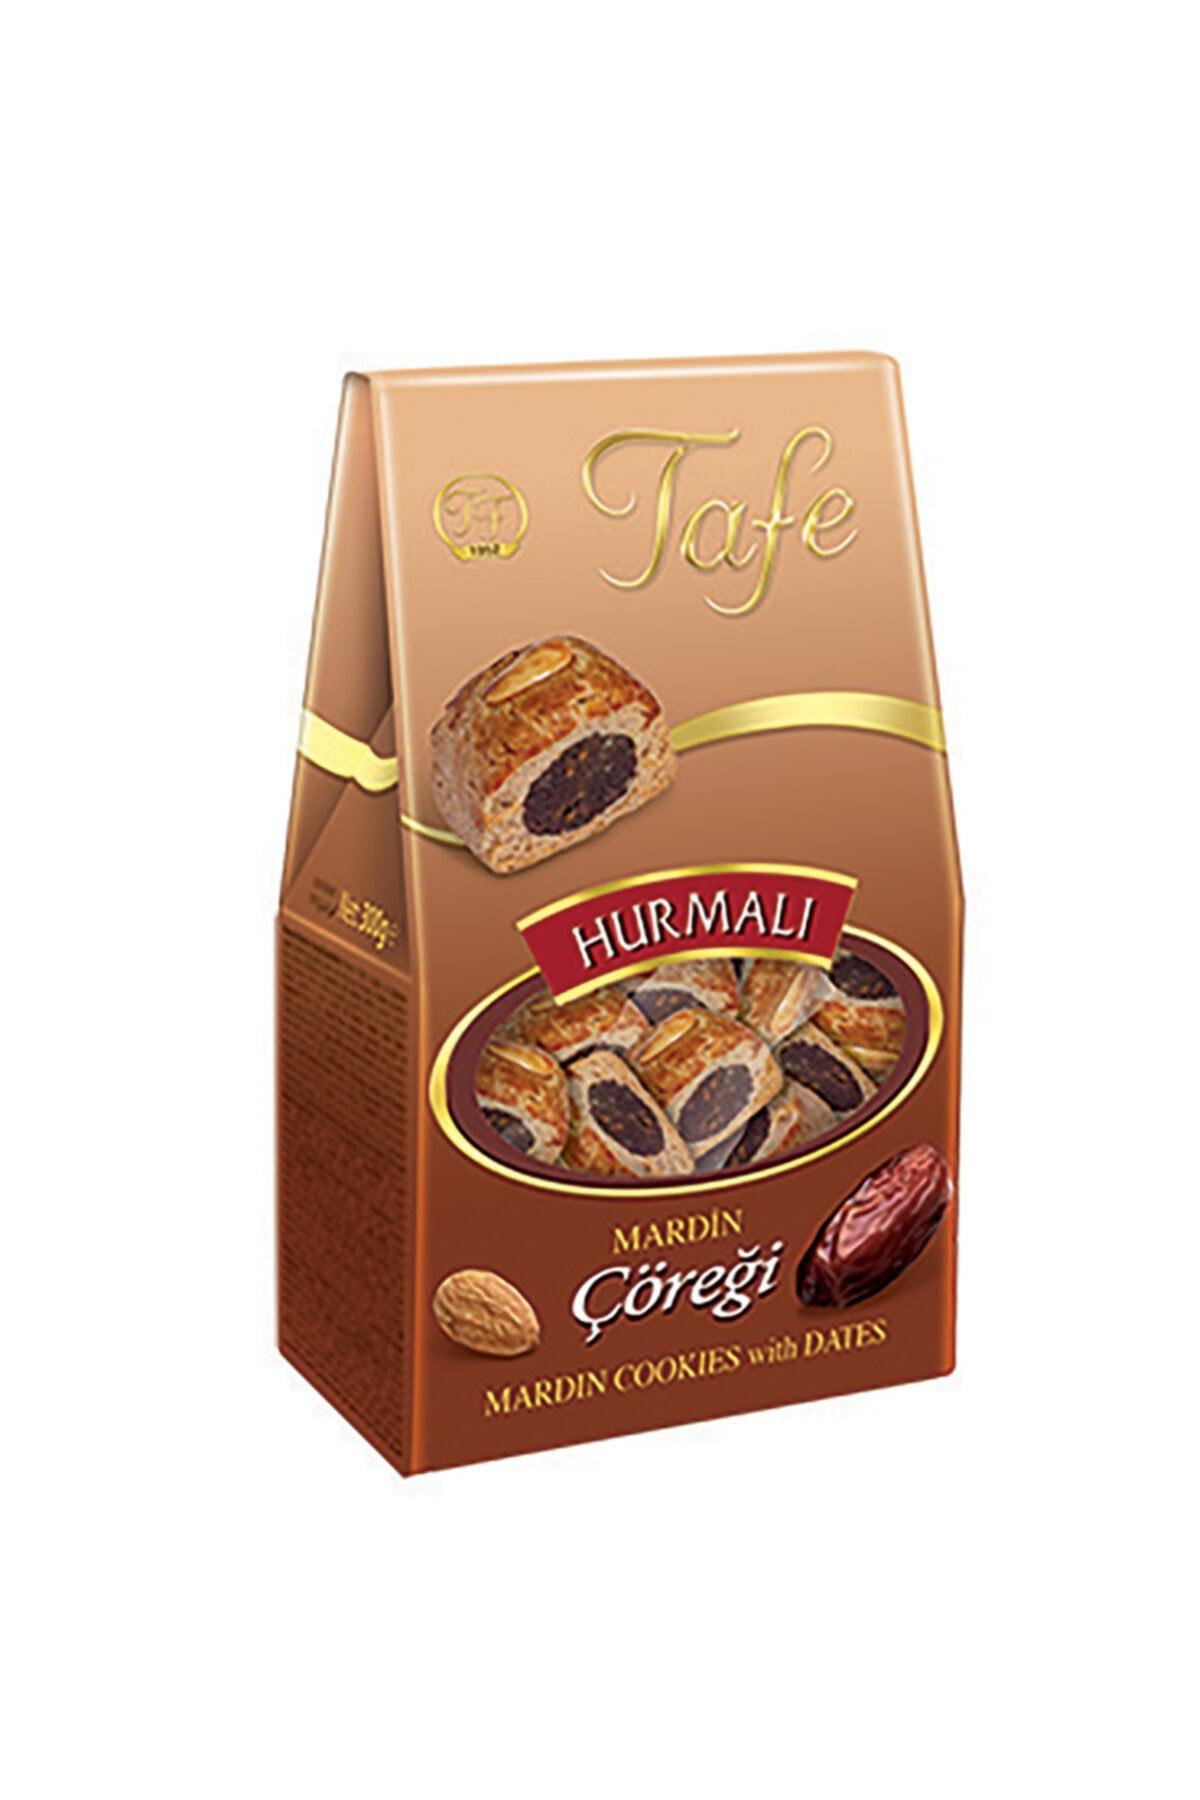 TAFE Hurmalı Mardin Çöreği 300g 1